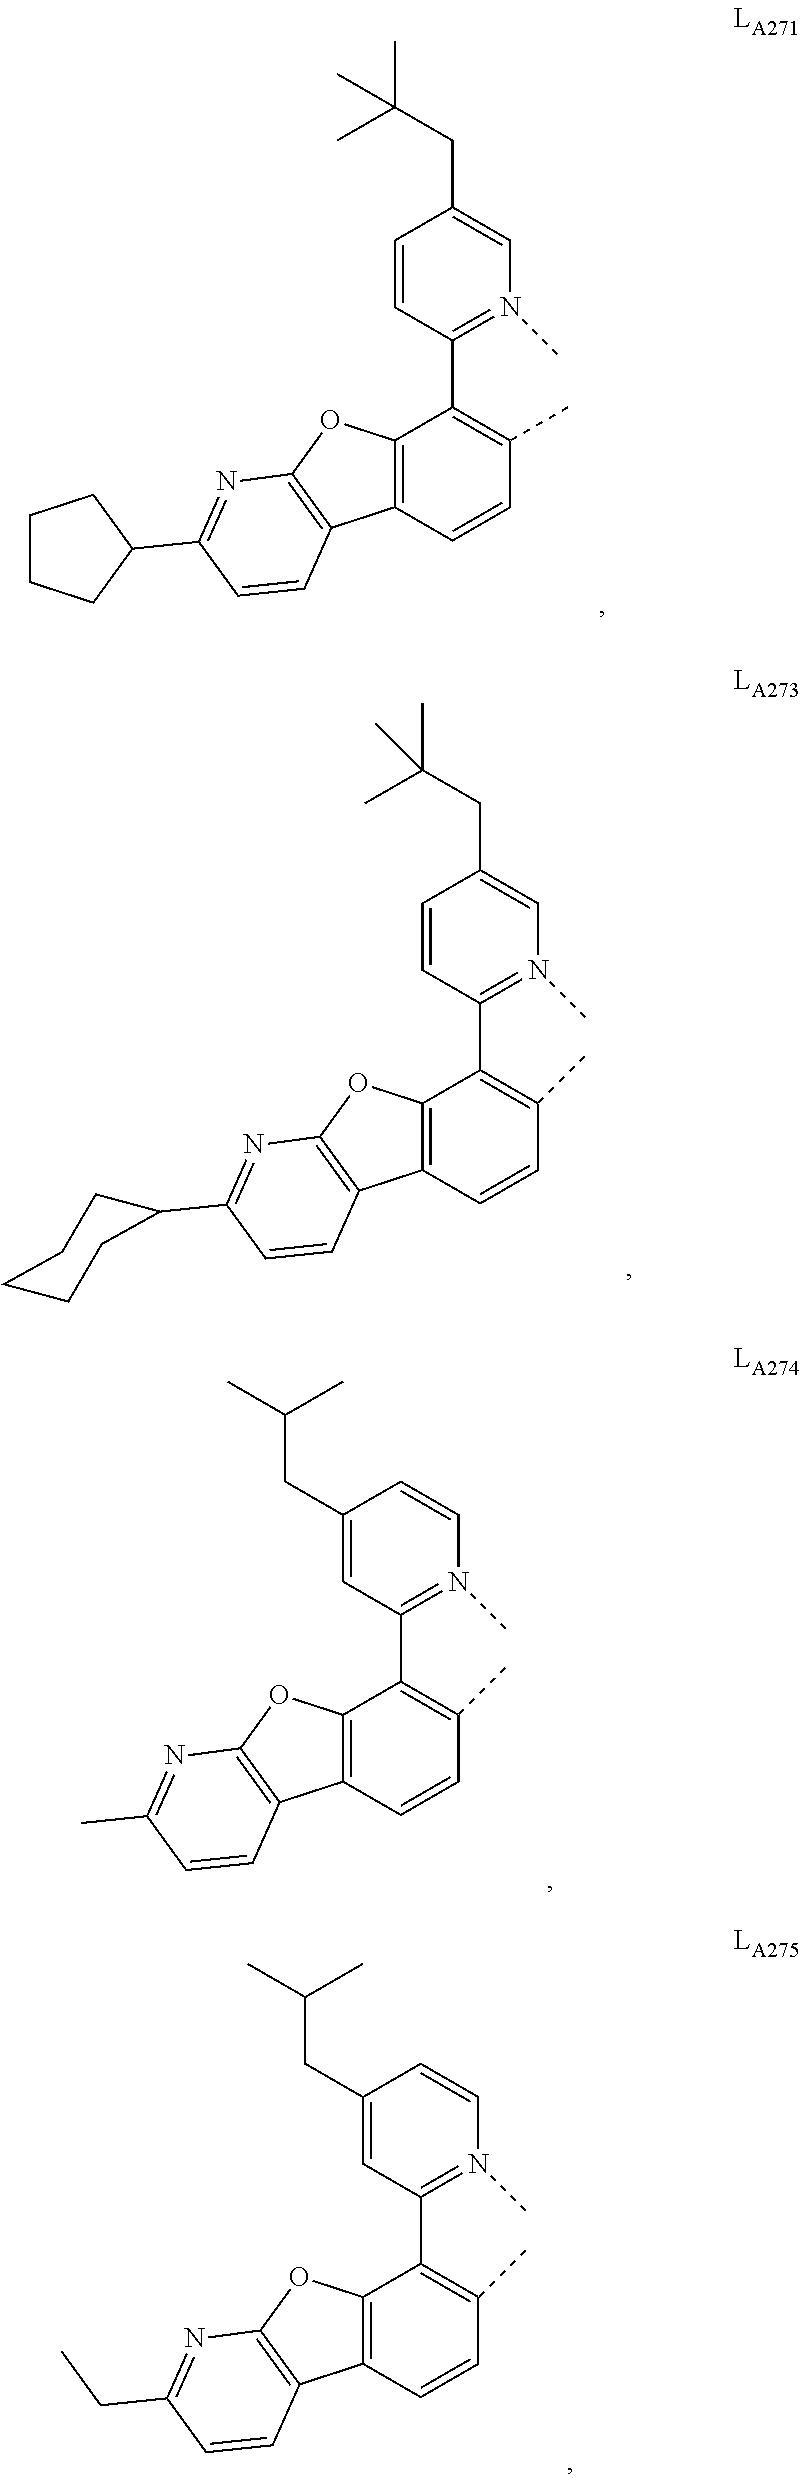 Figure US20160049599A1-20160218-C00457